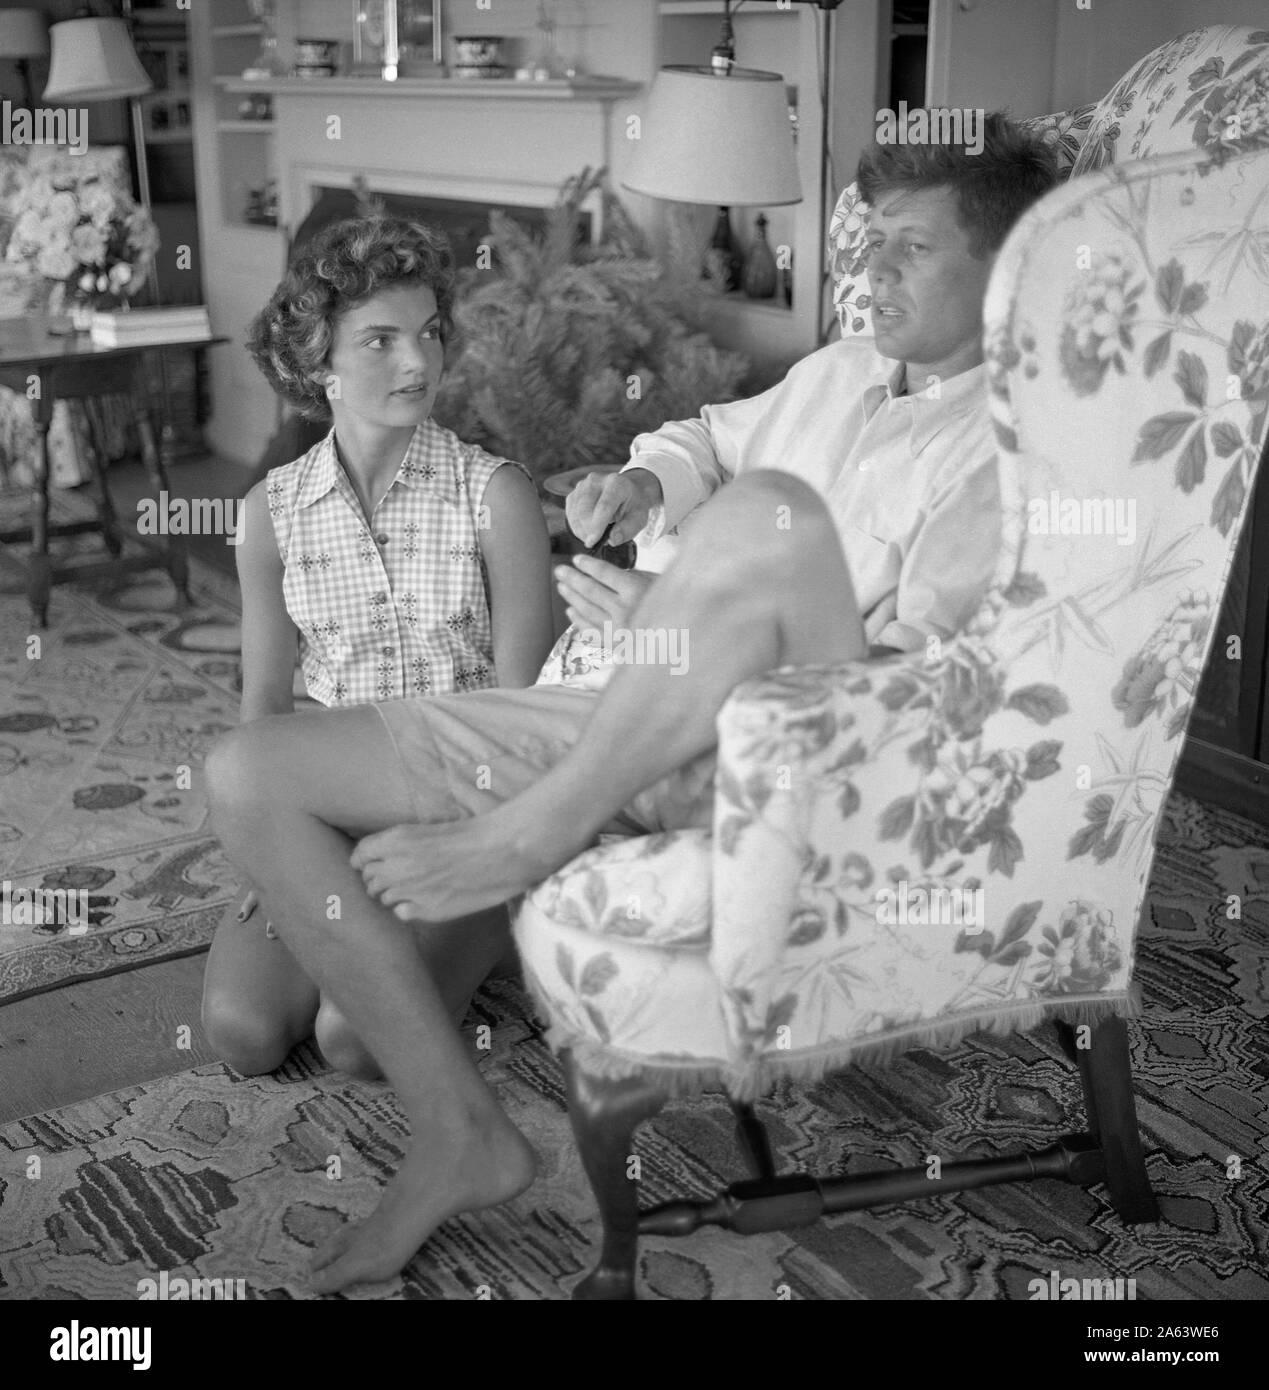 Puerto de Hyannis, MA - JUNIO DE 1953: el senador John F. Kennedy y novio Jacqueline Bouvier son entrevistados por una revista vida historia mientras está de vacaciones en el complejo Kennedy en junio de 1953 en el puerto de Hyannis, Massachusetts. (Foto por Hy Peskin) Foto de stock